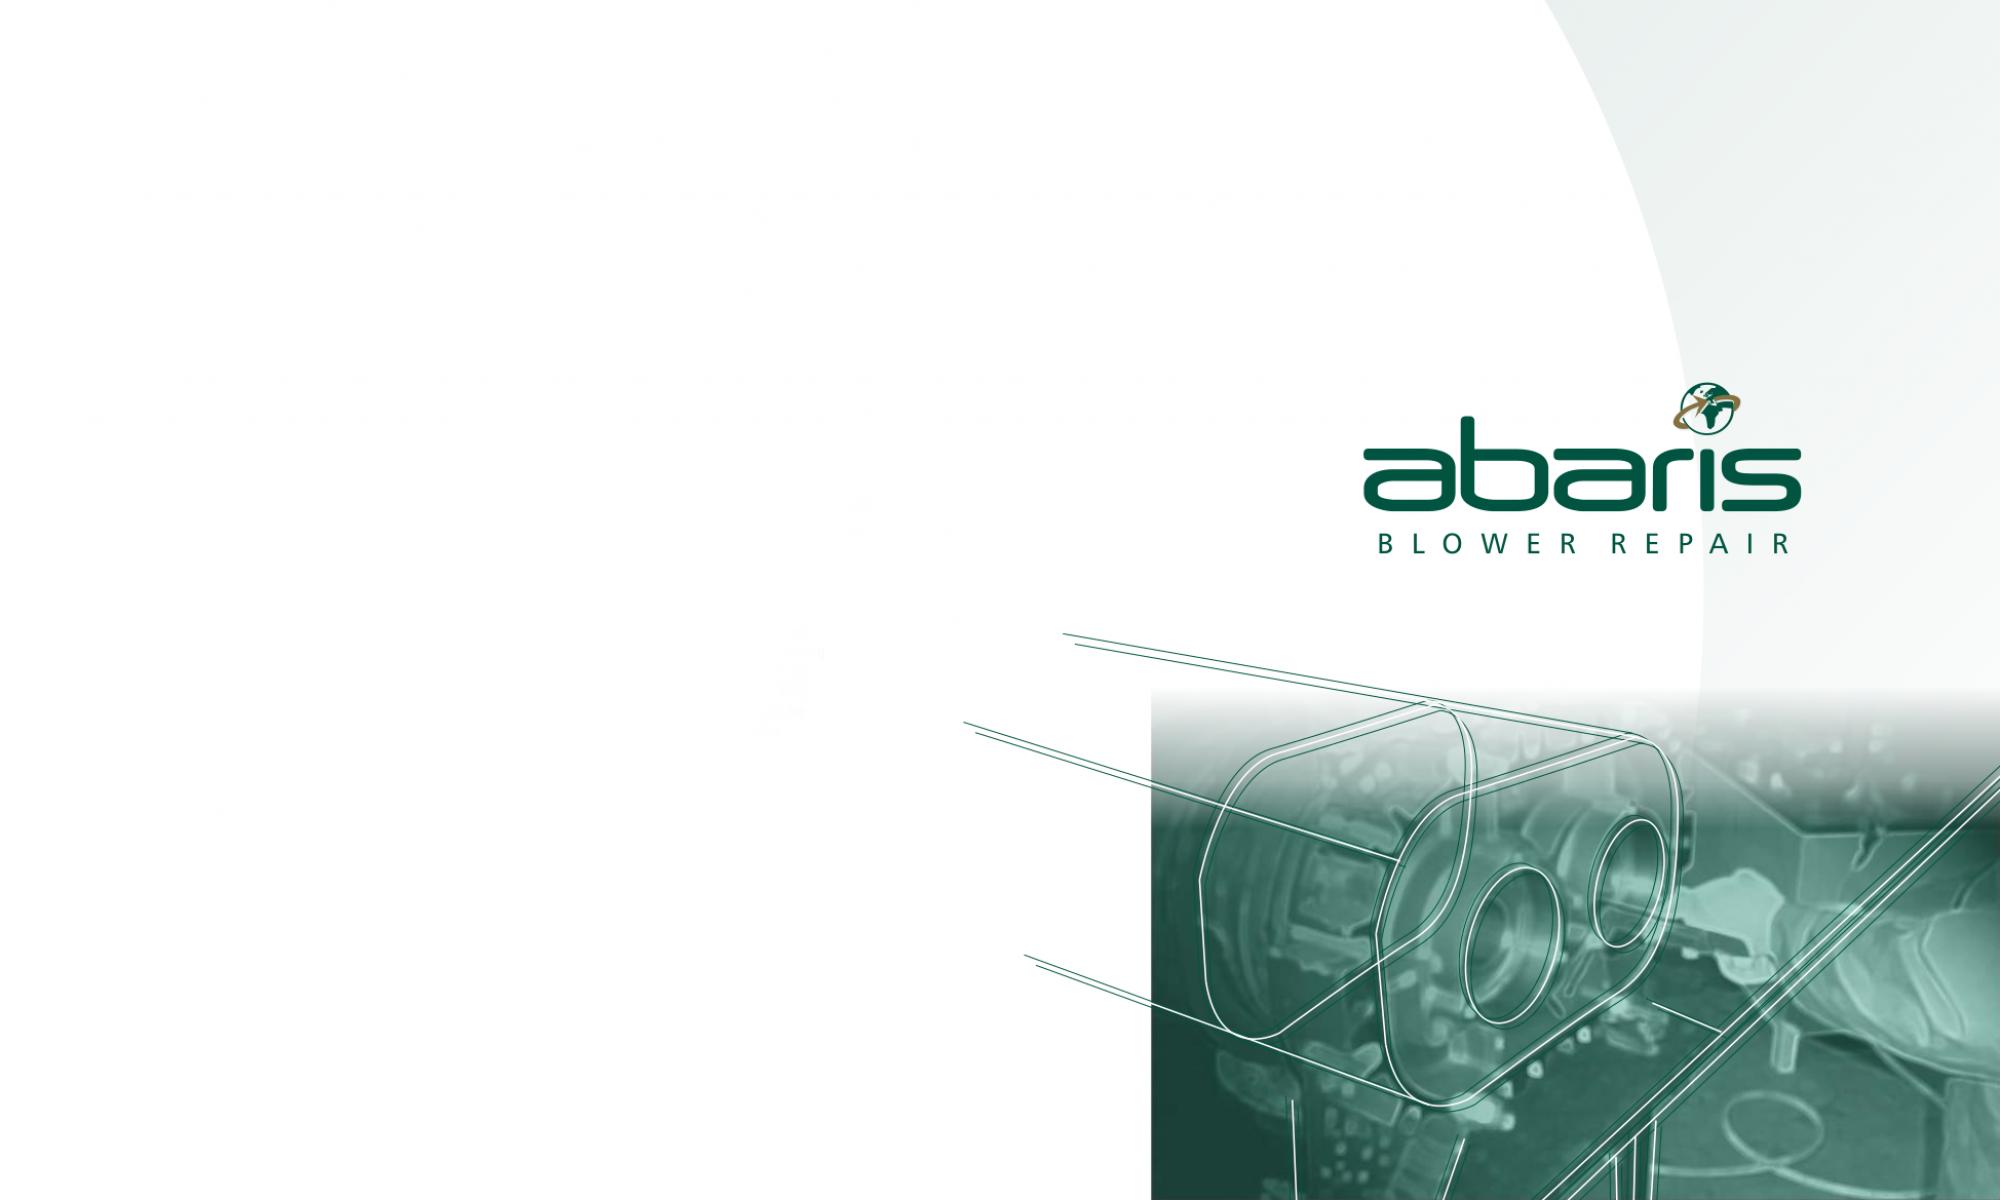 Abaris Blower Repair